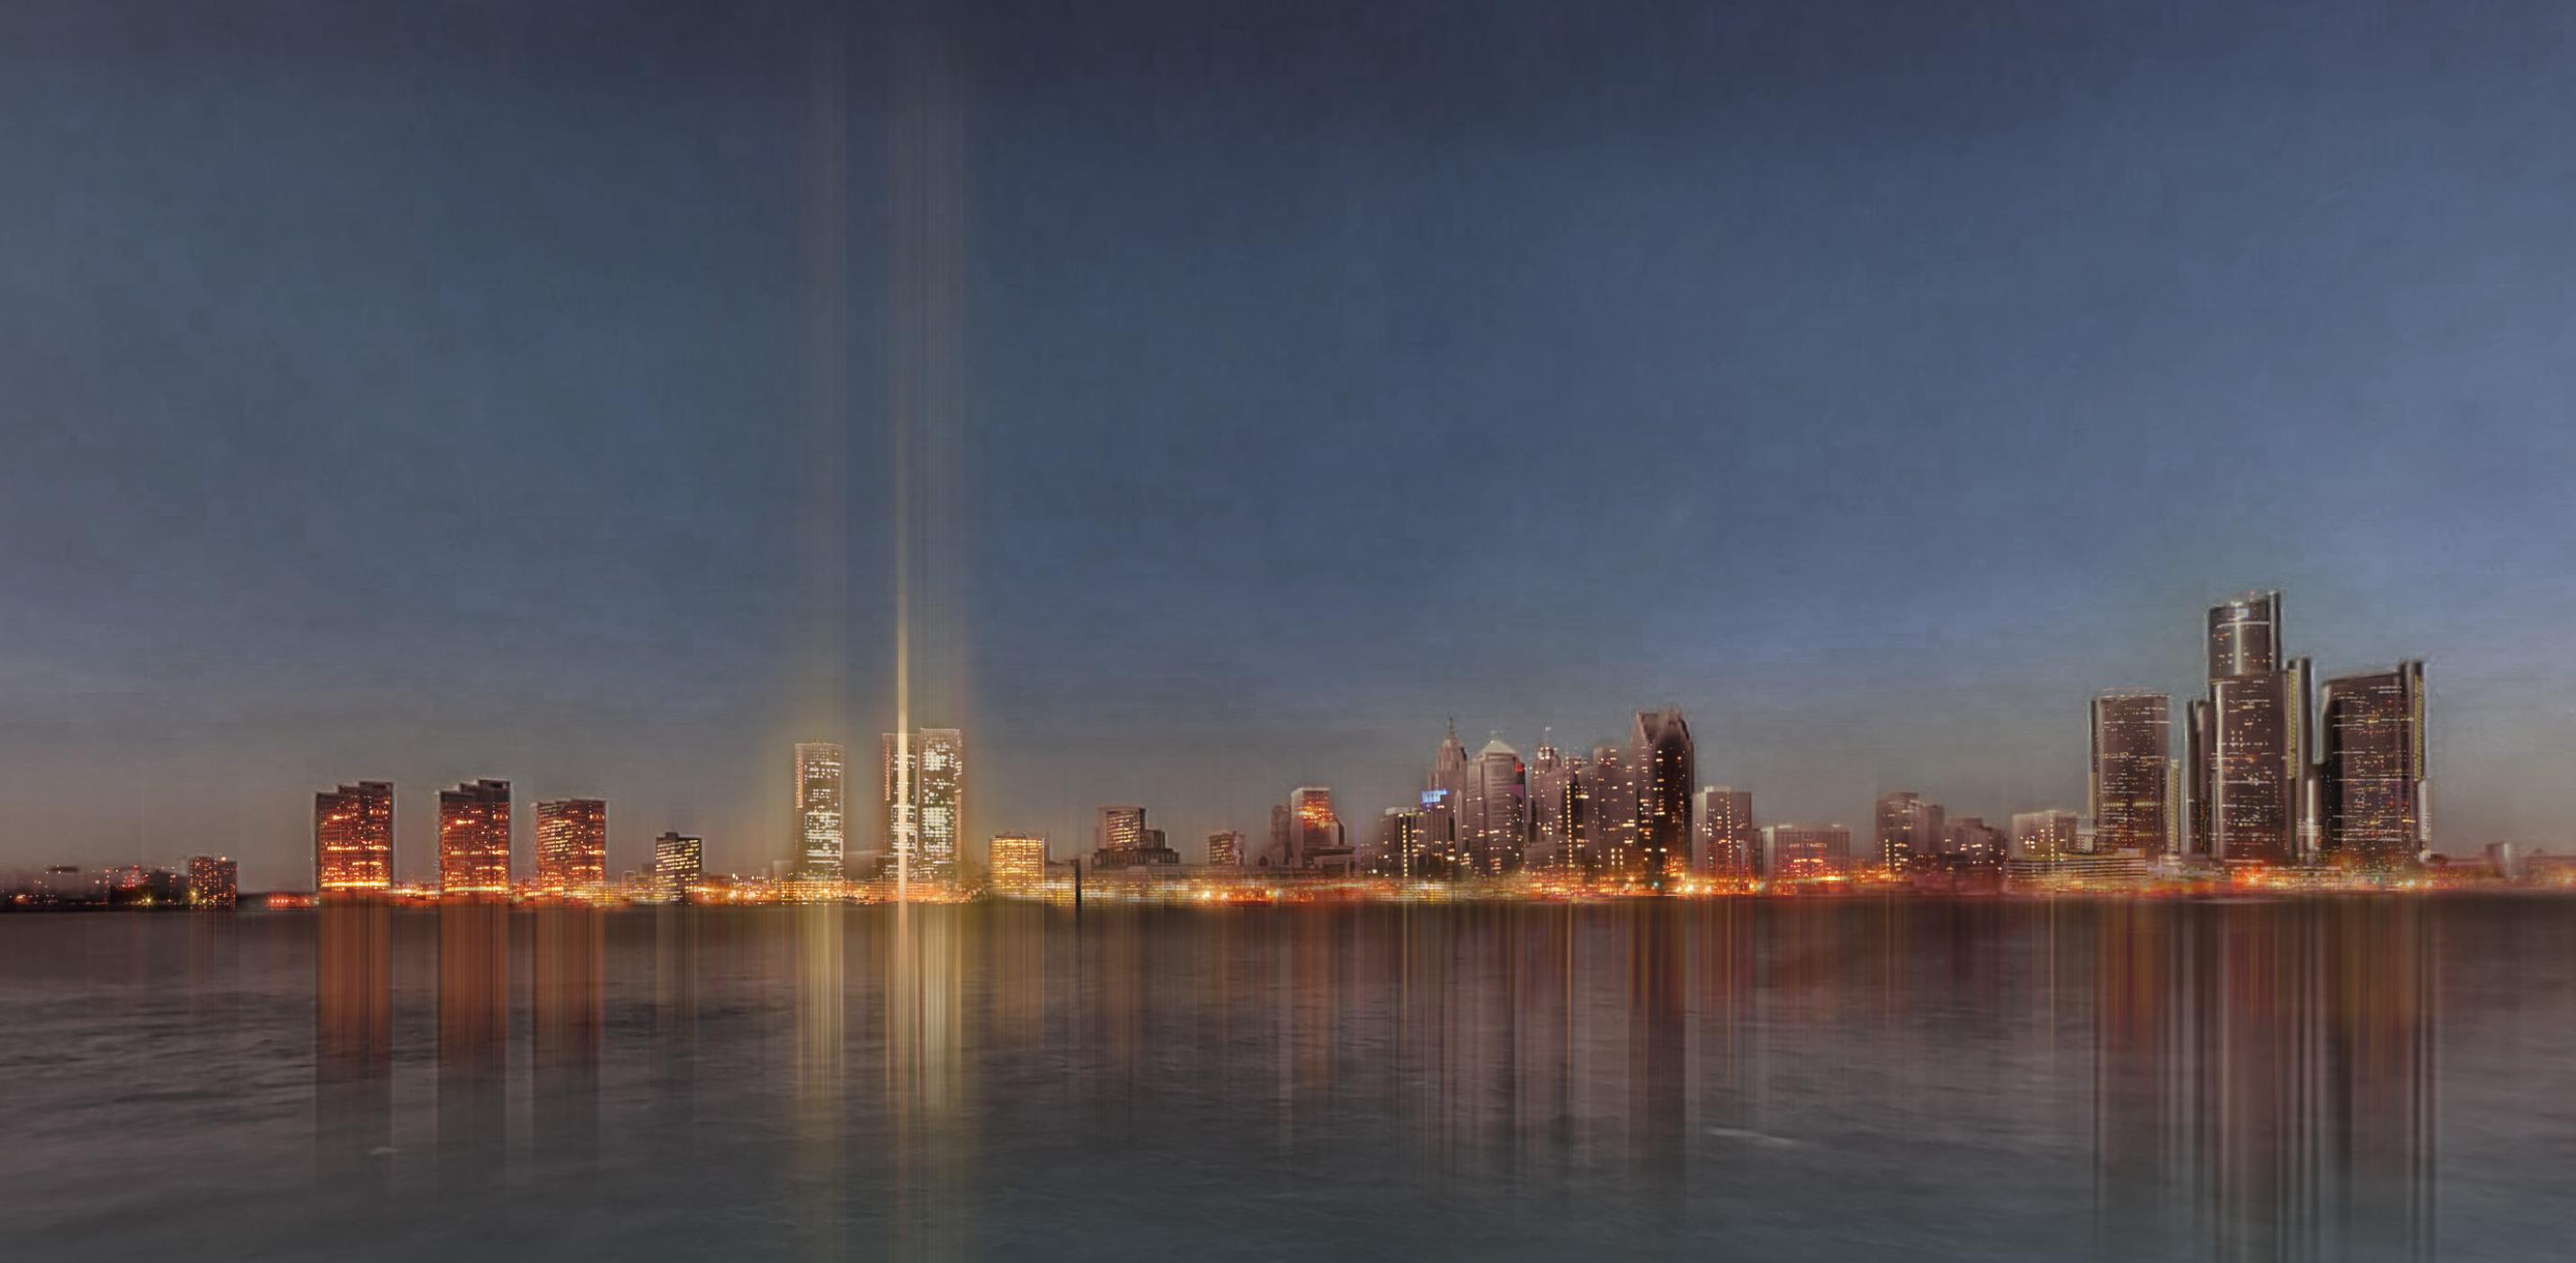 Detroit 3.0: i grattacieli green di SOWA vincono il terzo posto del Manni Group Design Award